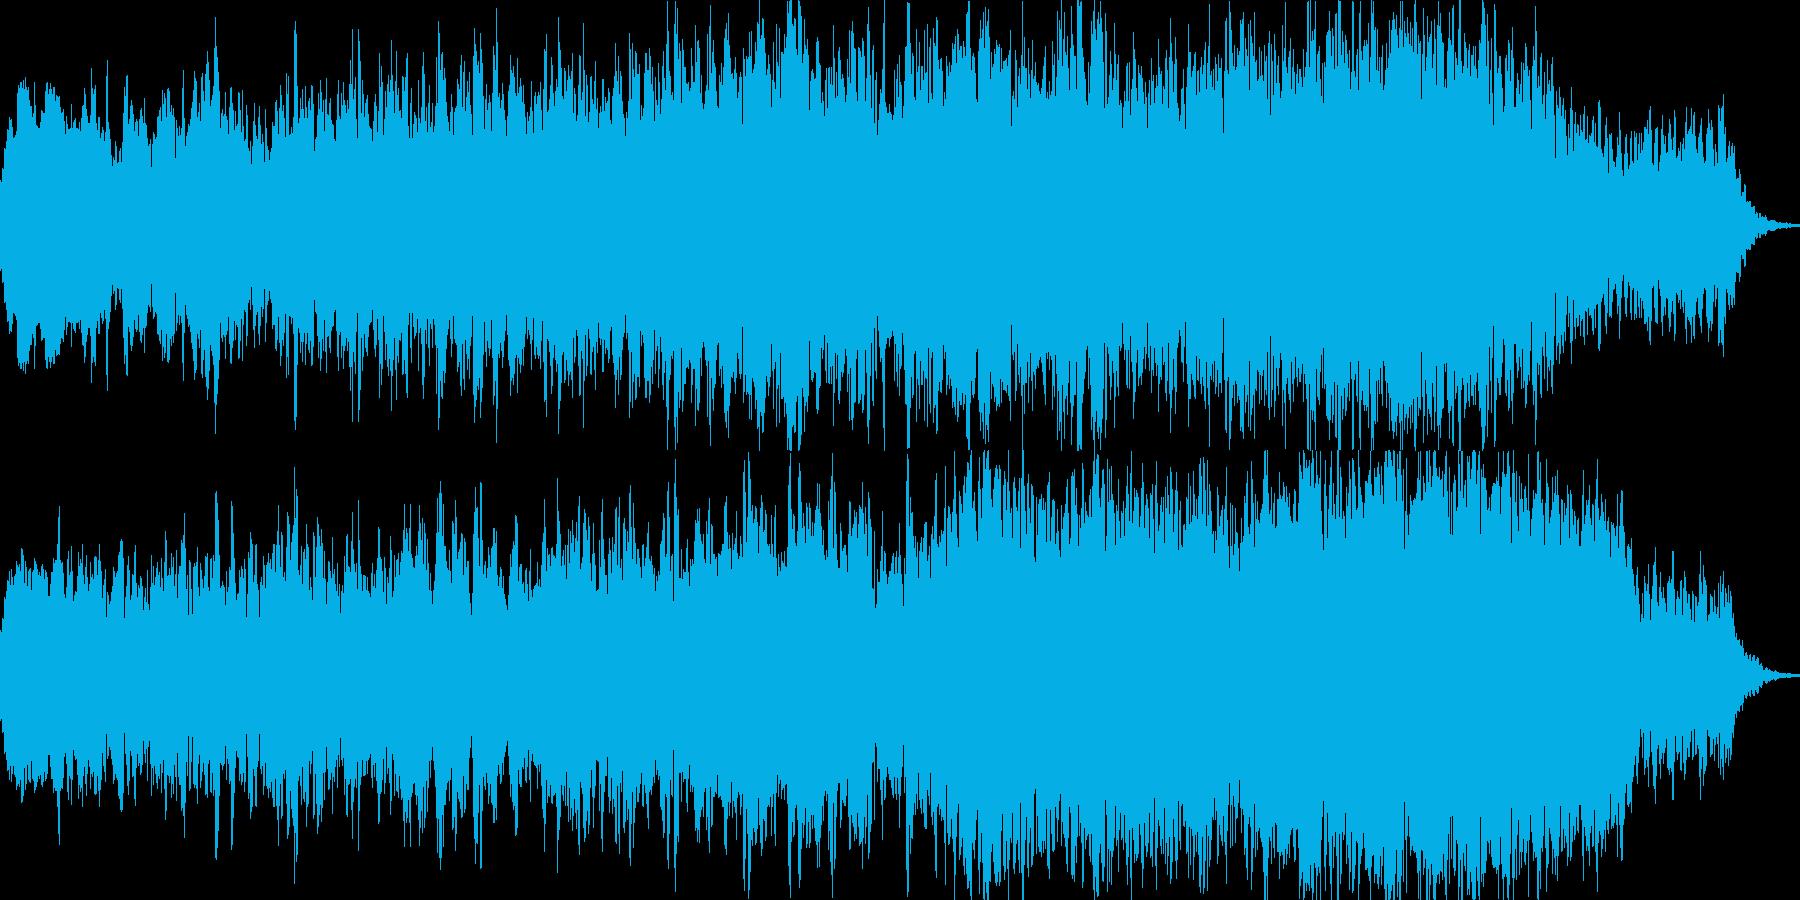 暗くて恐ろしい6分のダークアンビエントの再生済みの波形